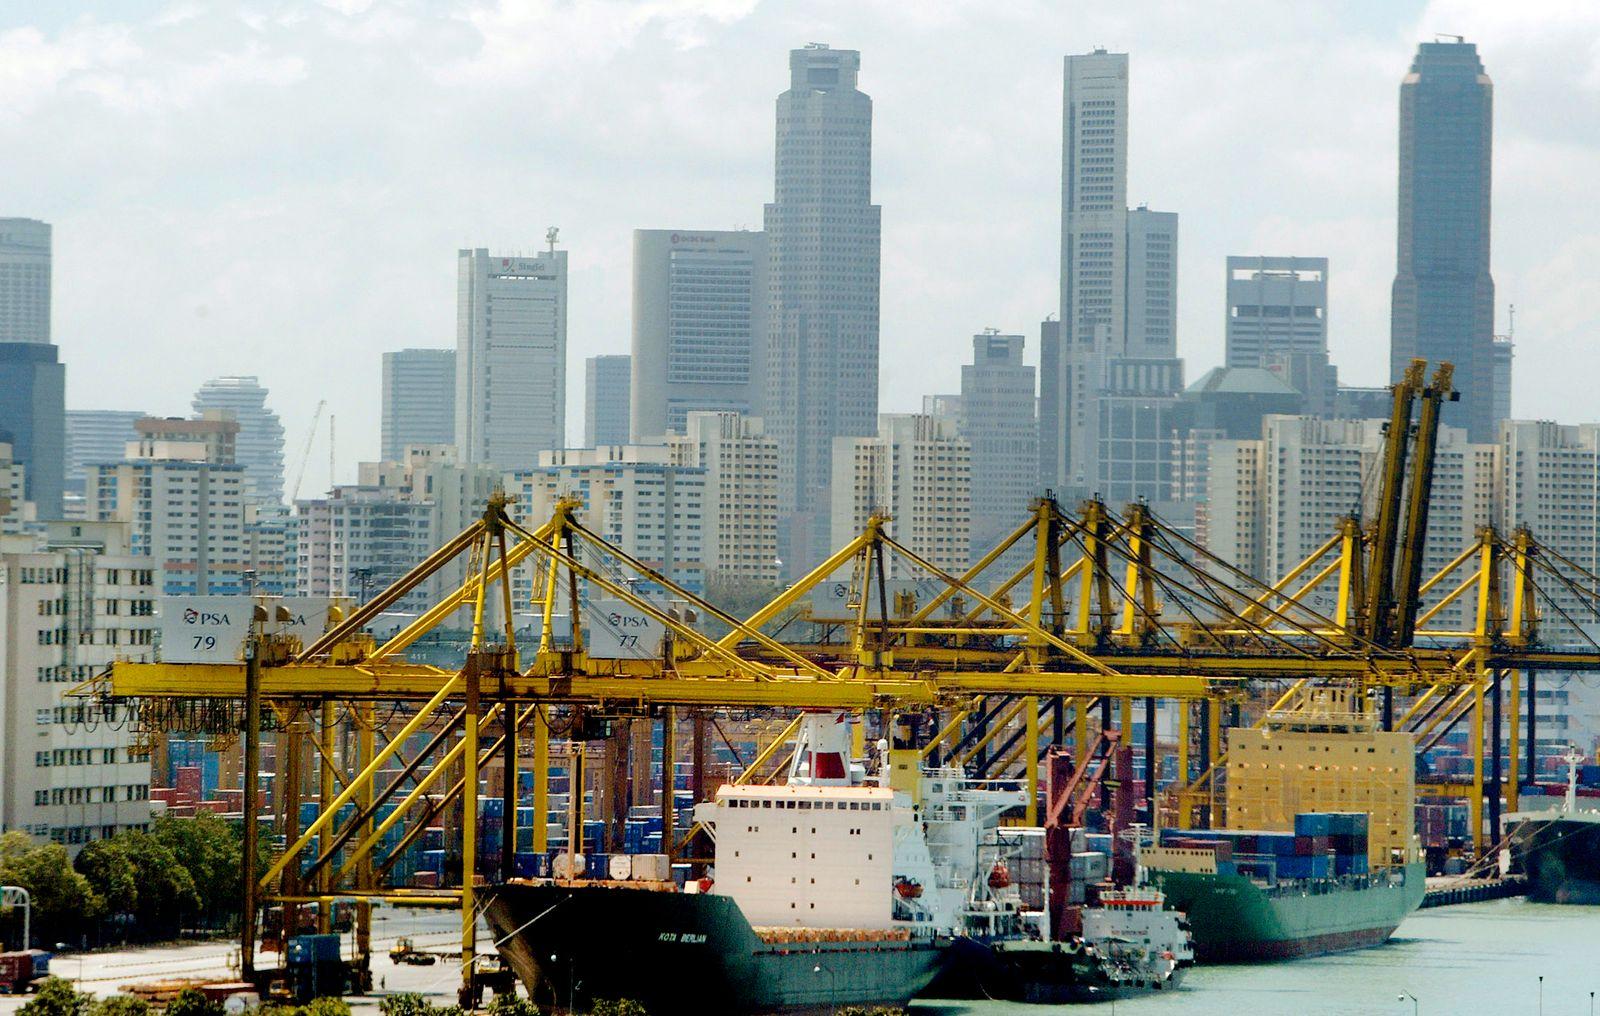 Hafen Singapur / Weltwirtschaft / Containerhafen / Handel